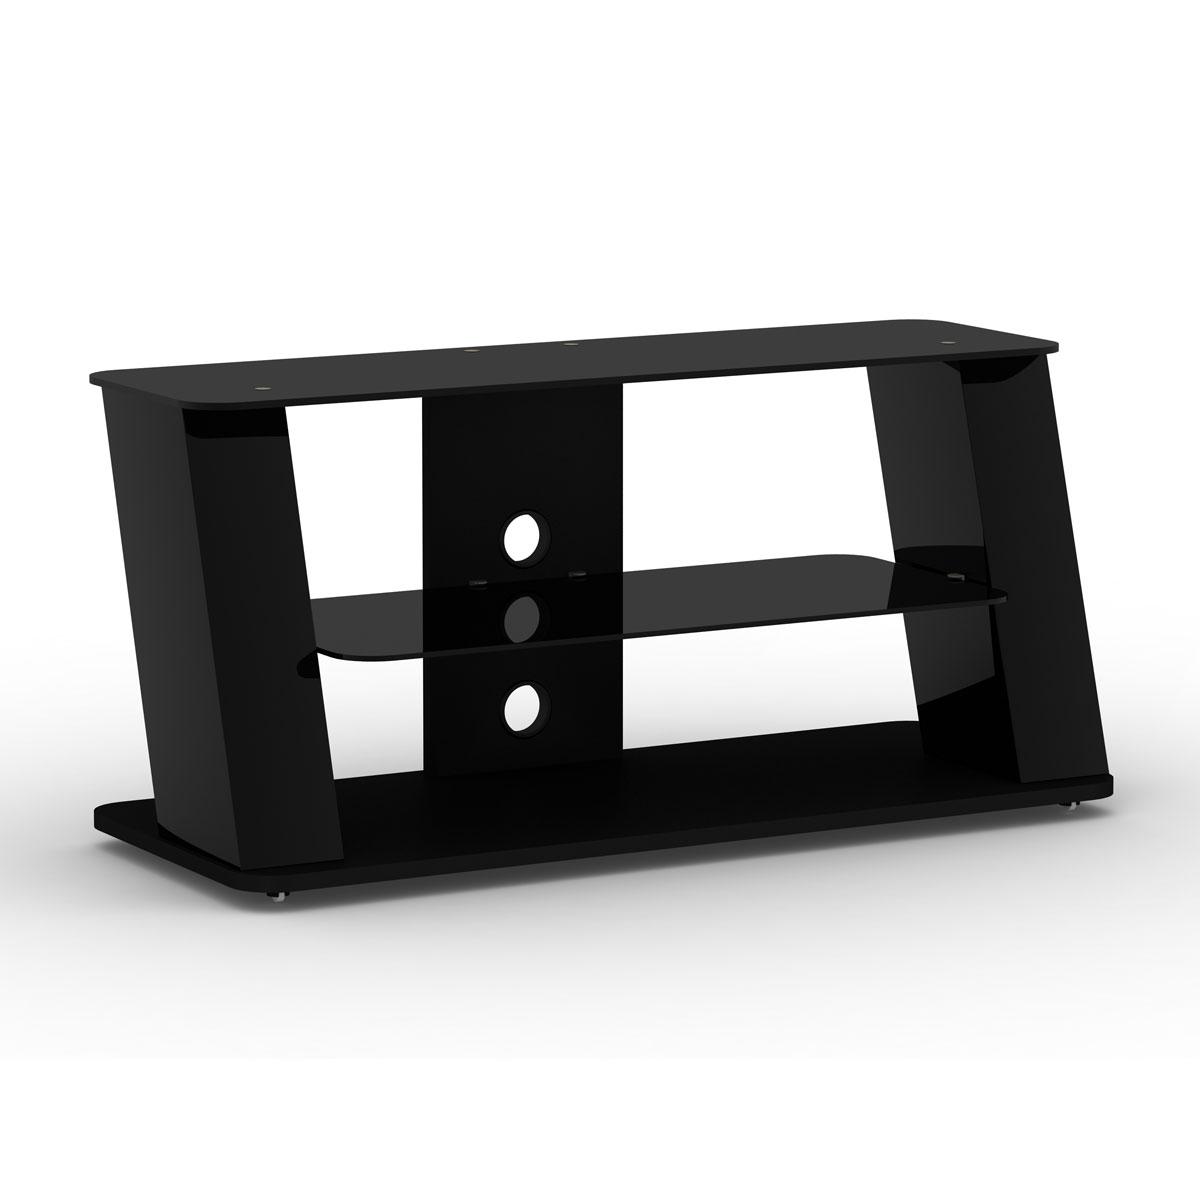 Elmob alexa al 110 04 noir al 110 04 black achat vente meuble tv sur ld - Meuble pour ecran plat ...